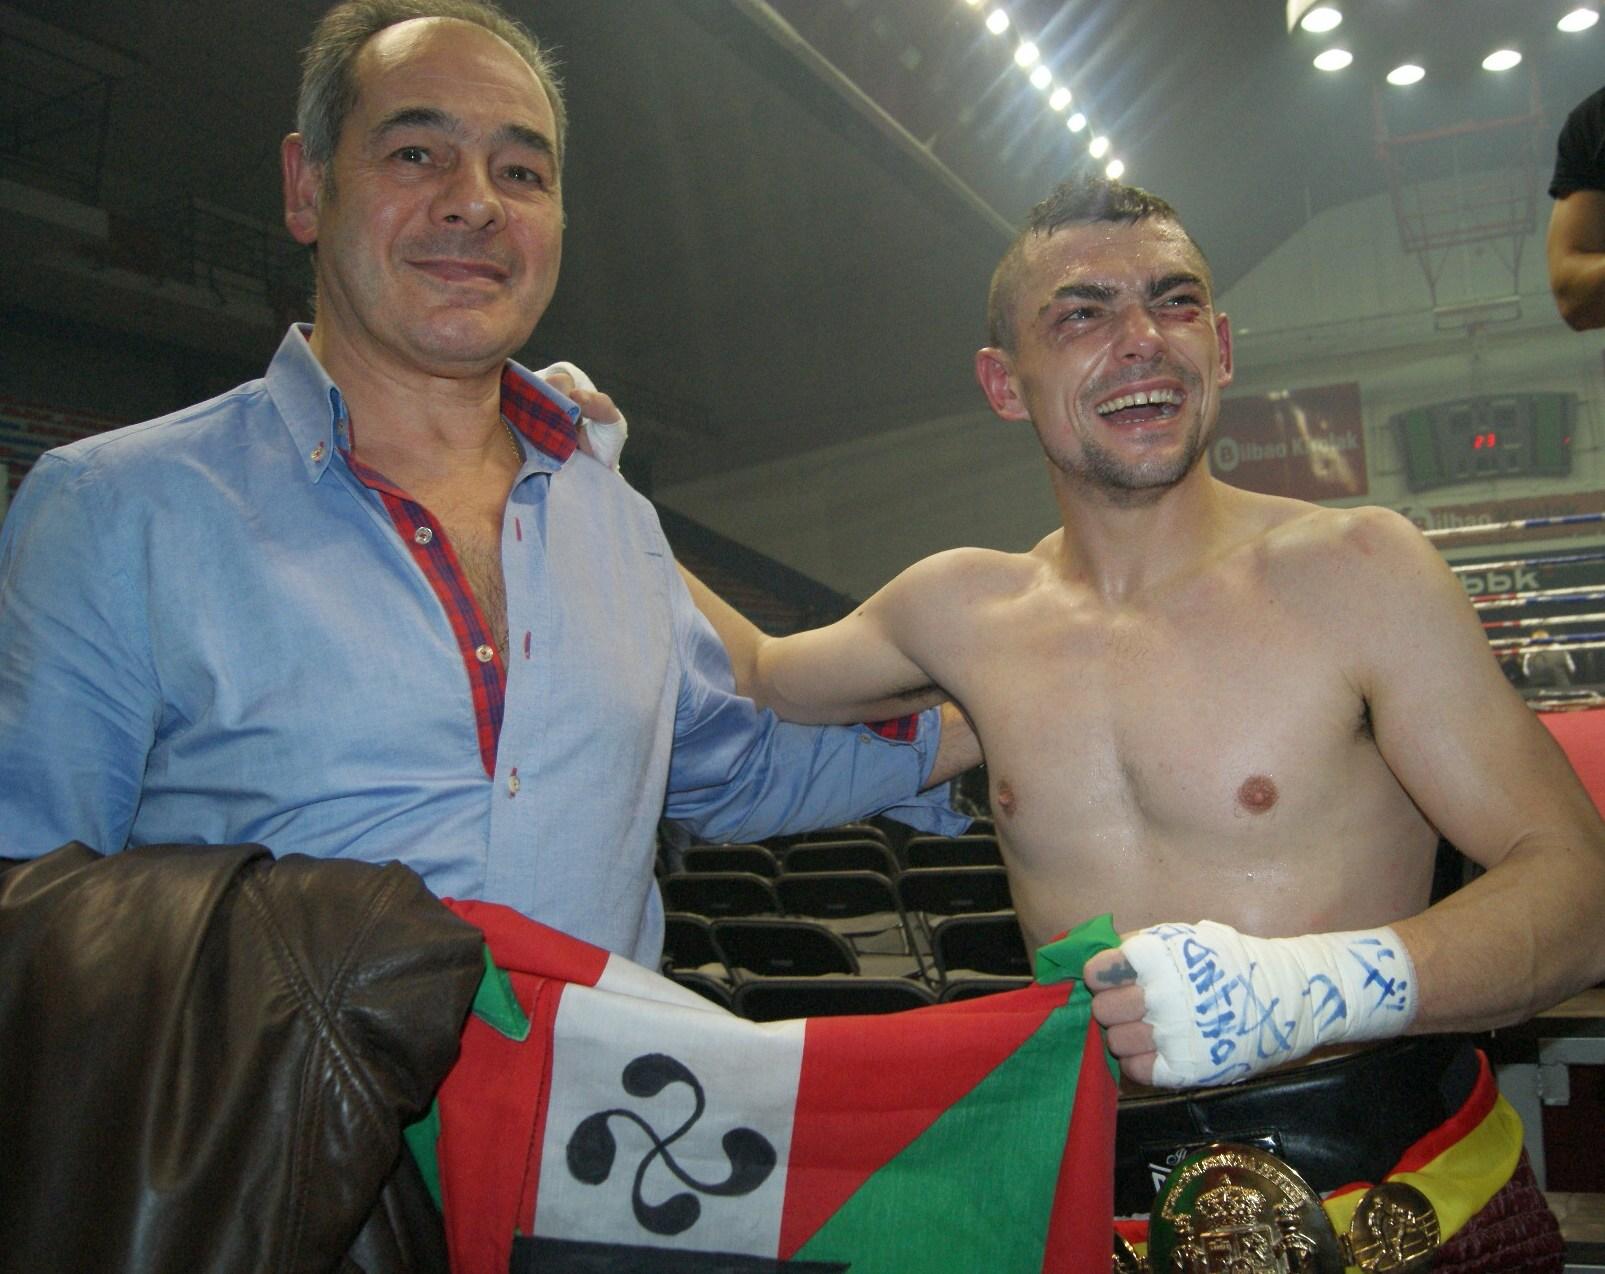 El exboxeador profesional Andoni Amaña posa con Andoni Gago después de que este retuviera el título del pluma en La Casilla. Amaña fue el último boxeadro con licencia de Bizkaia en hacerlo antes. Hacía 30 años.